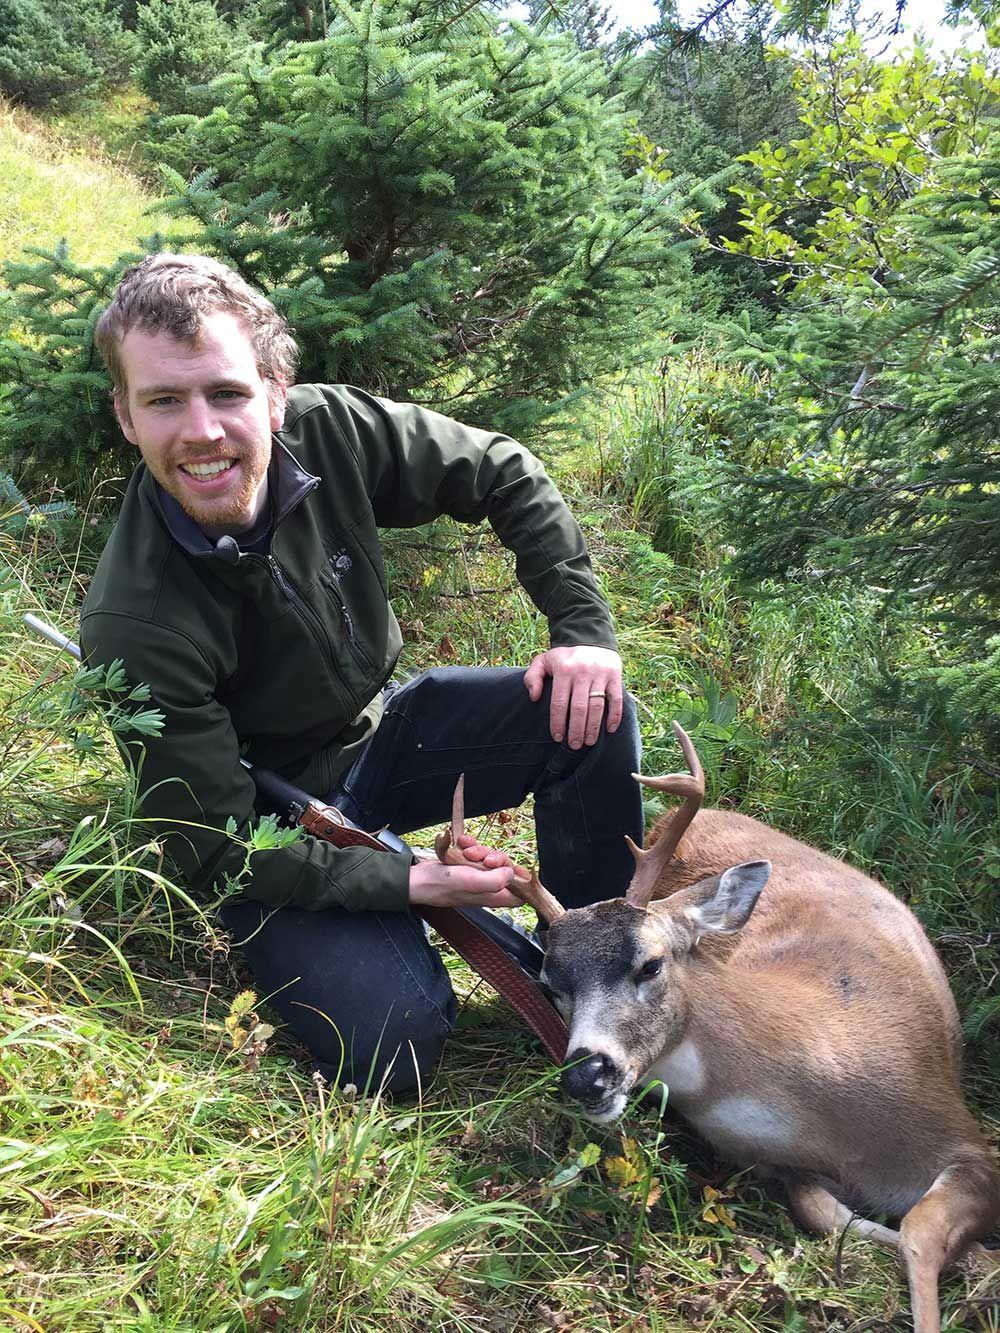 Public Use Cabin A Good Base For Afognak Island Deer Hunt